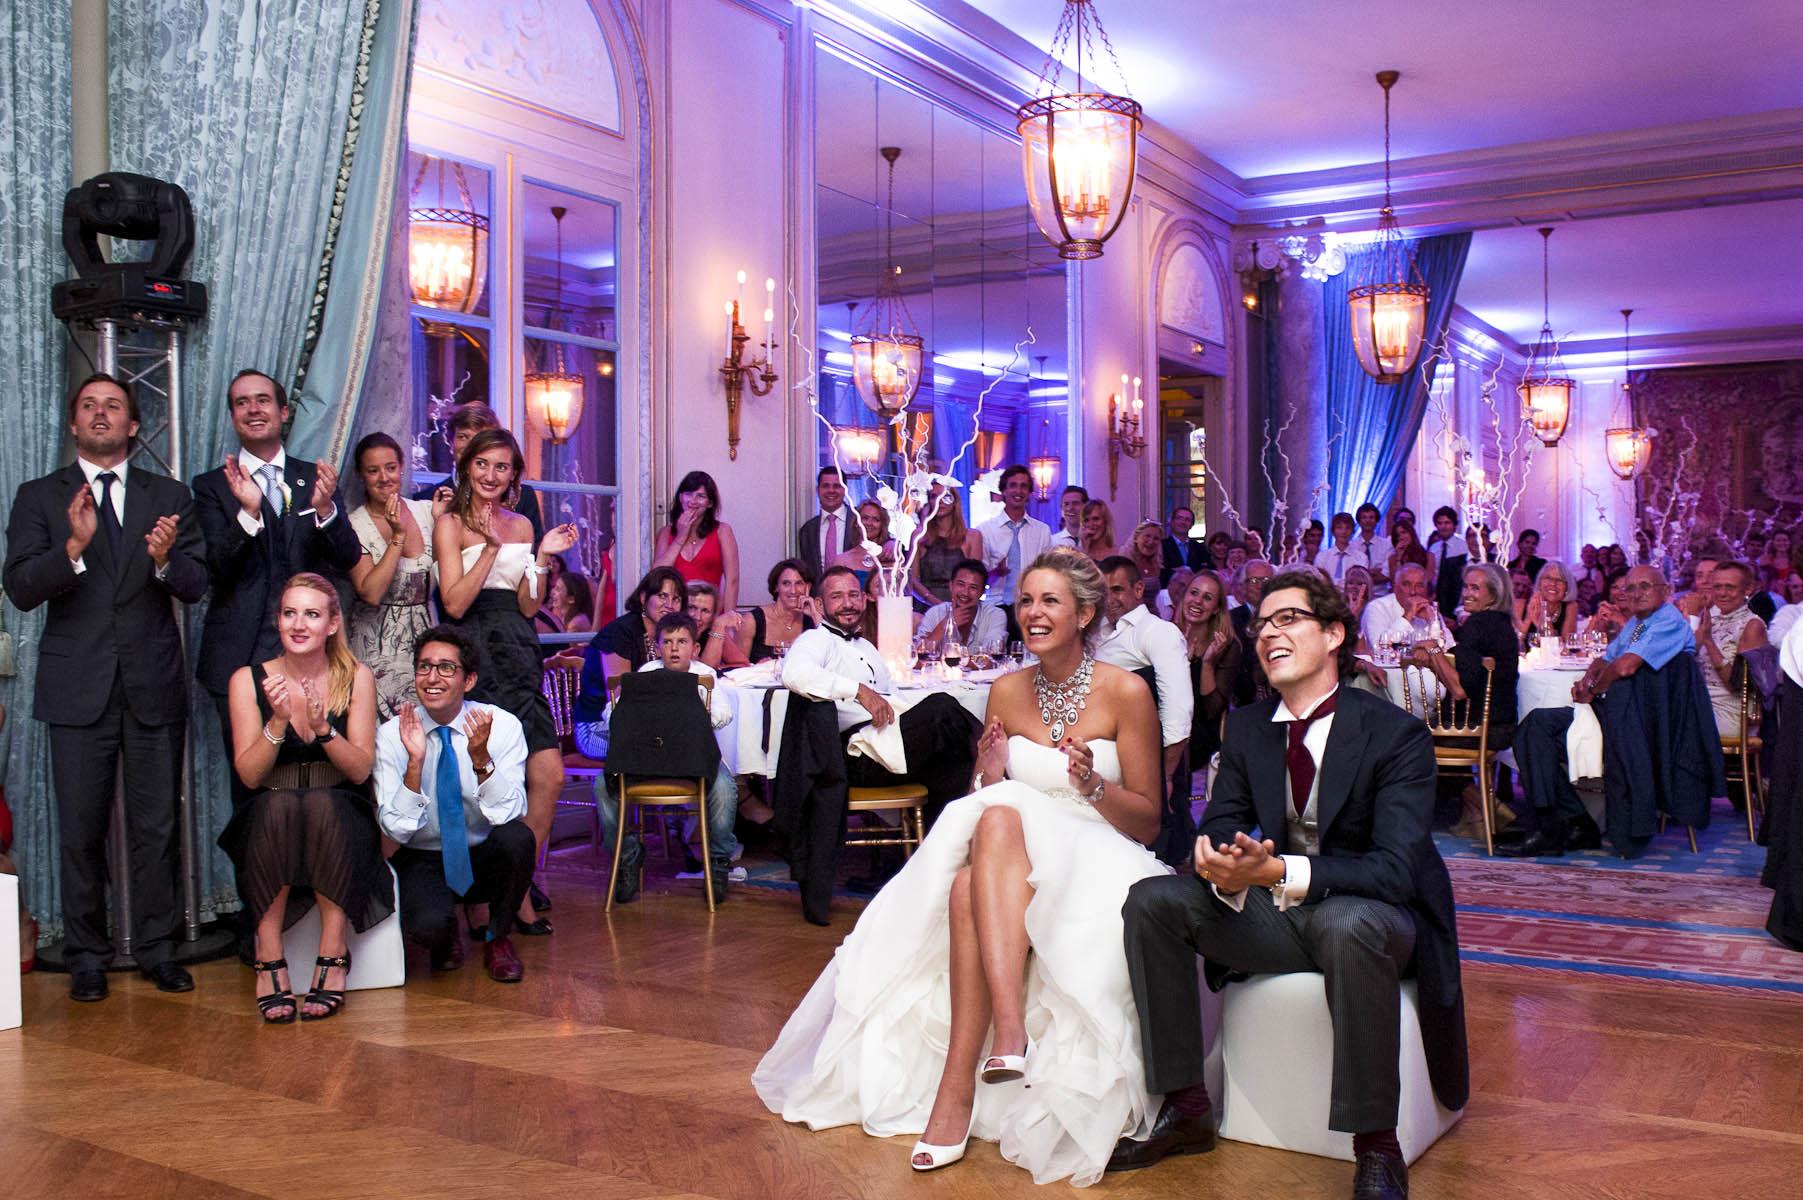 Photographe de mariage au Cercle Interallié